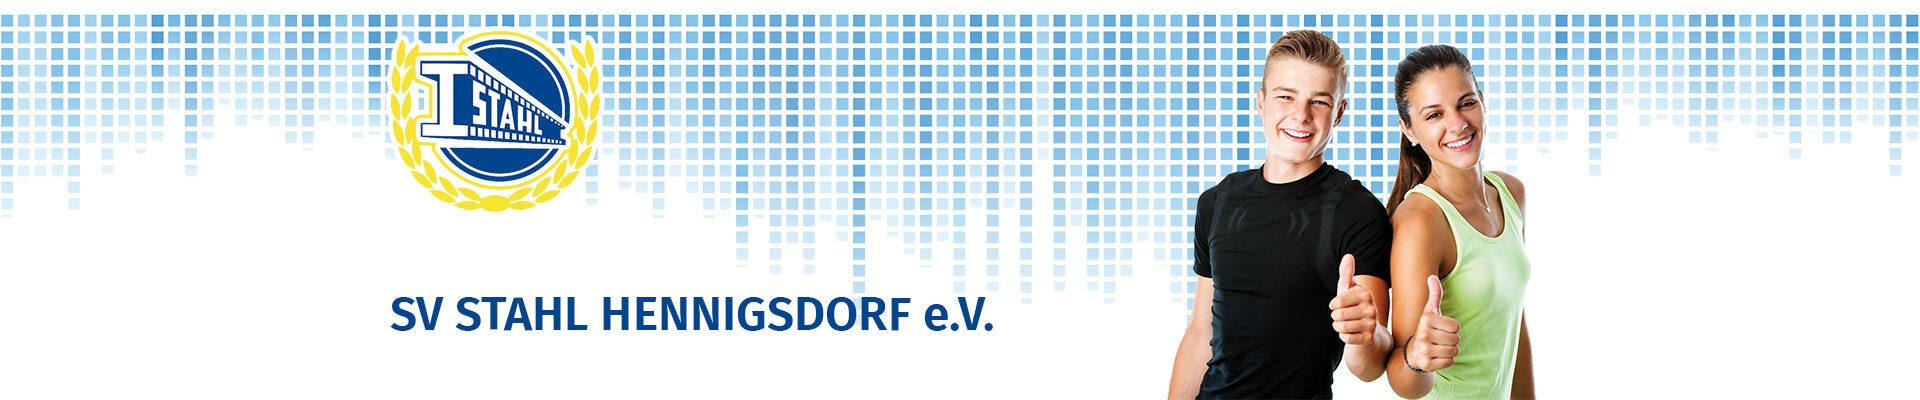 SV Stahl Hennigsdorf e.V.